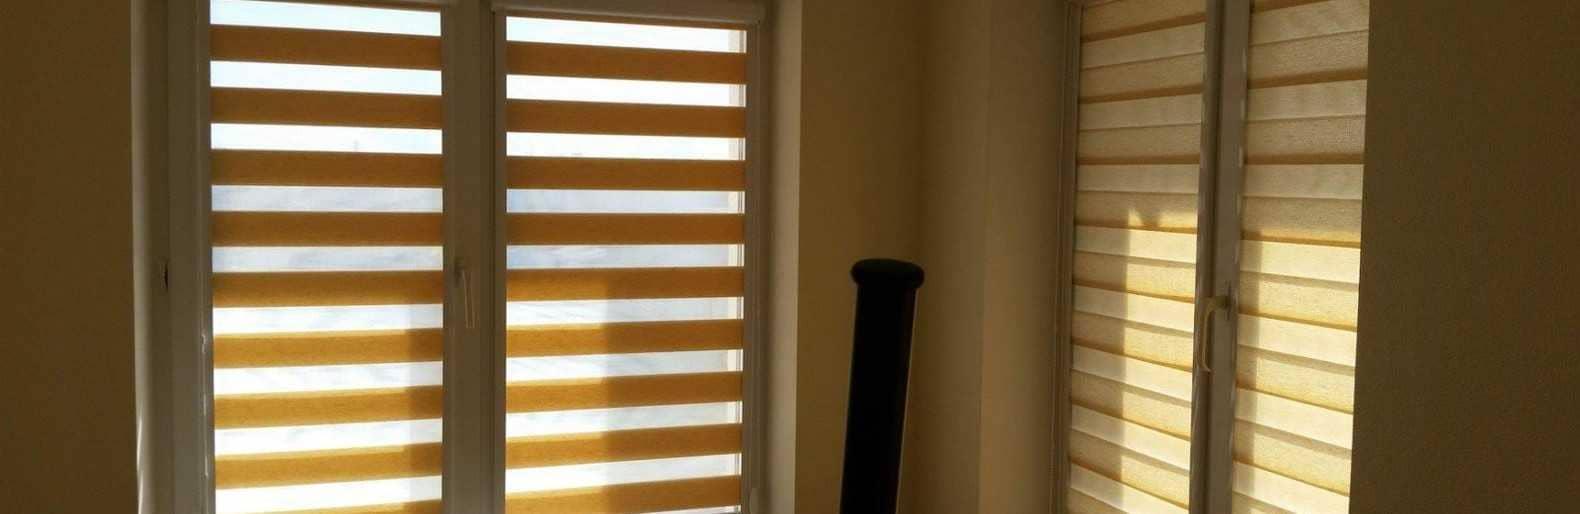 Рулонные шторы - плюсы и минусы установки, выбор материалов 025